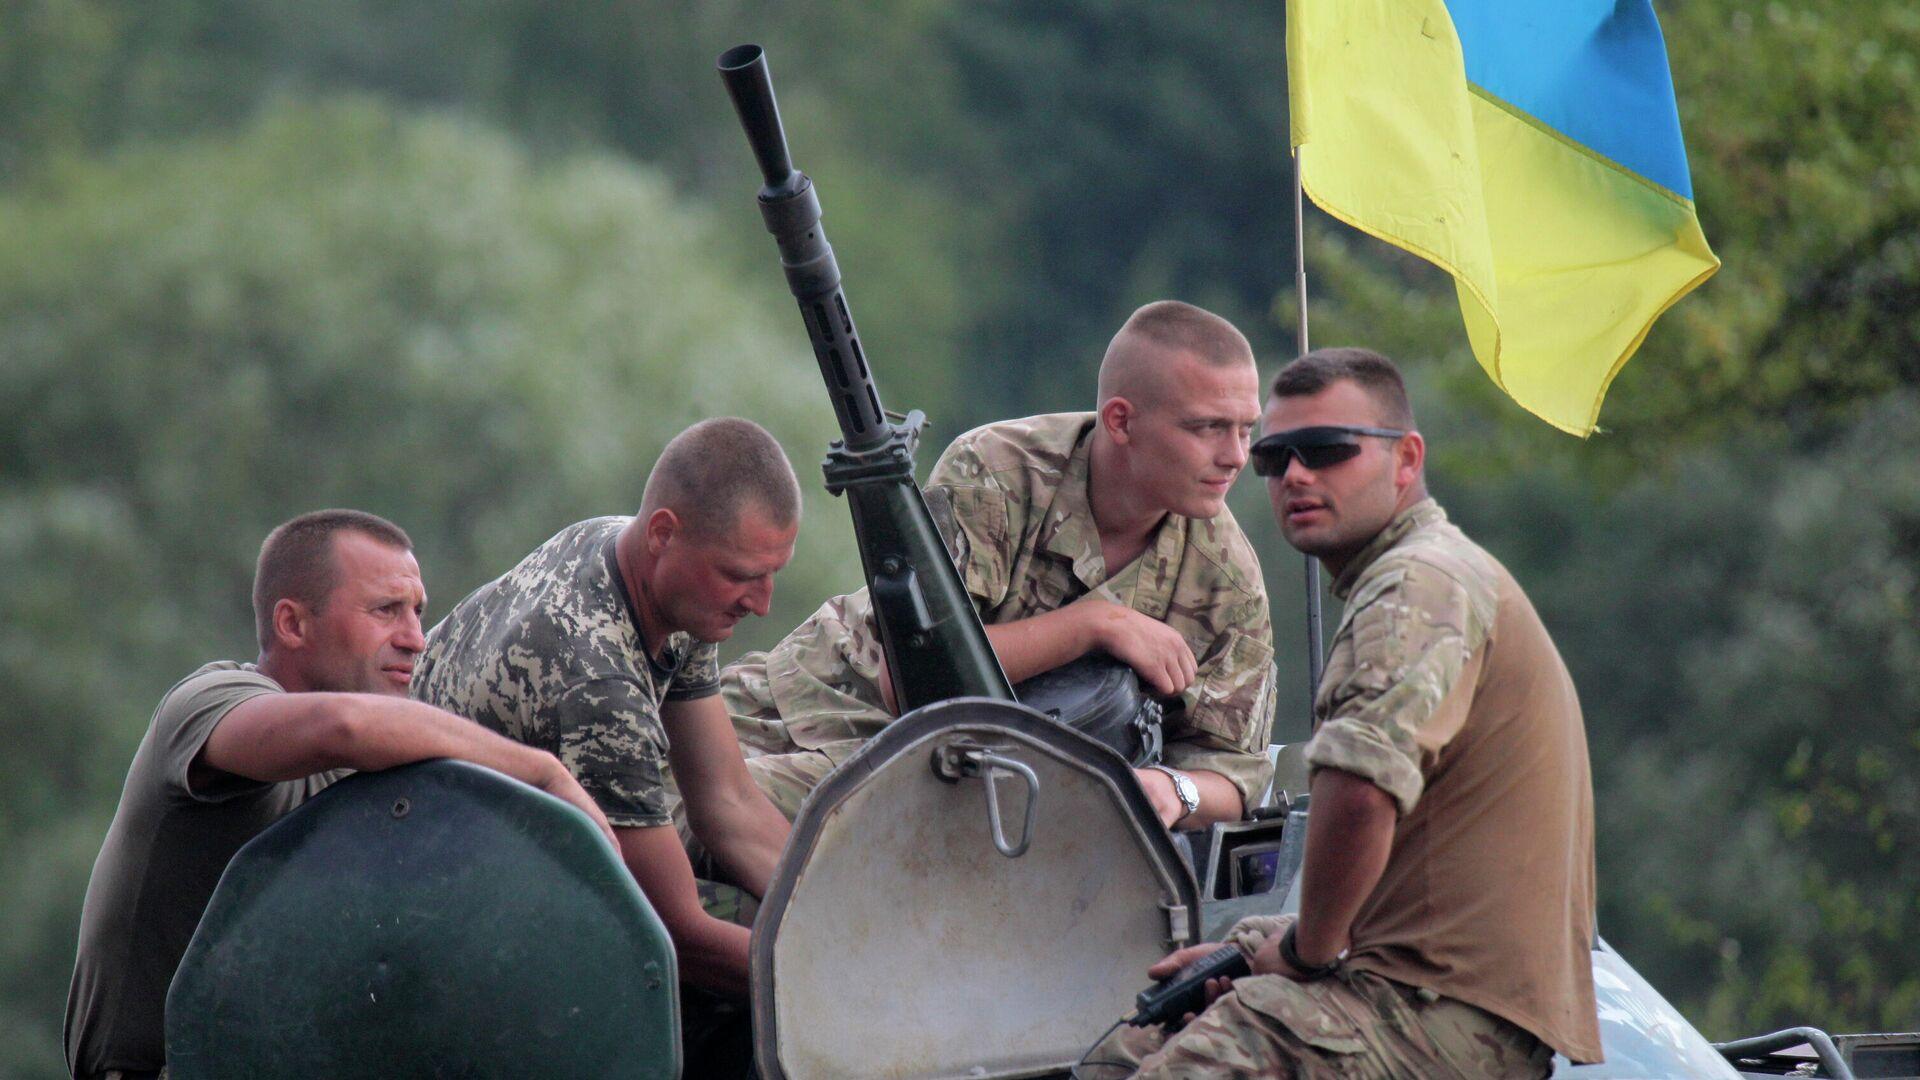 Украинские солдаты на БТР - Sputnik Тоҷикистон, 1920, 19.08.2021